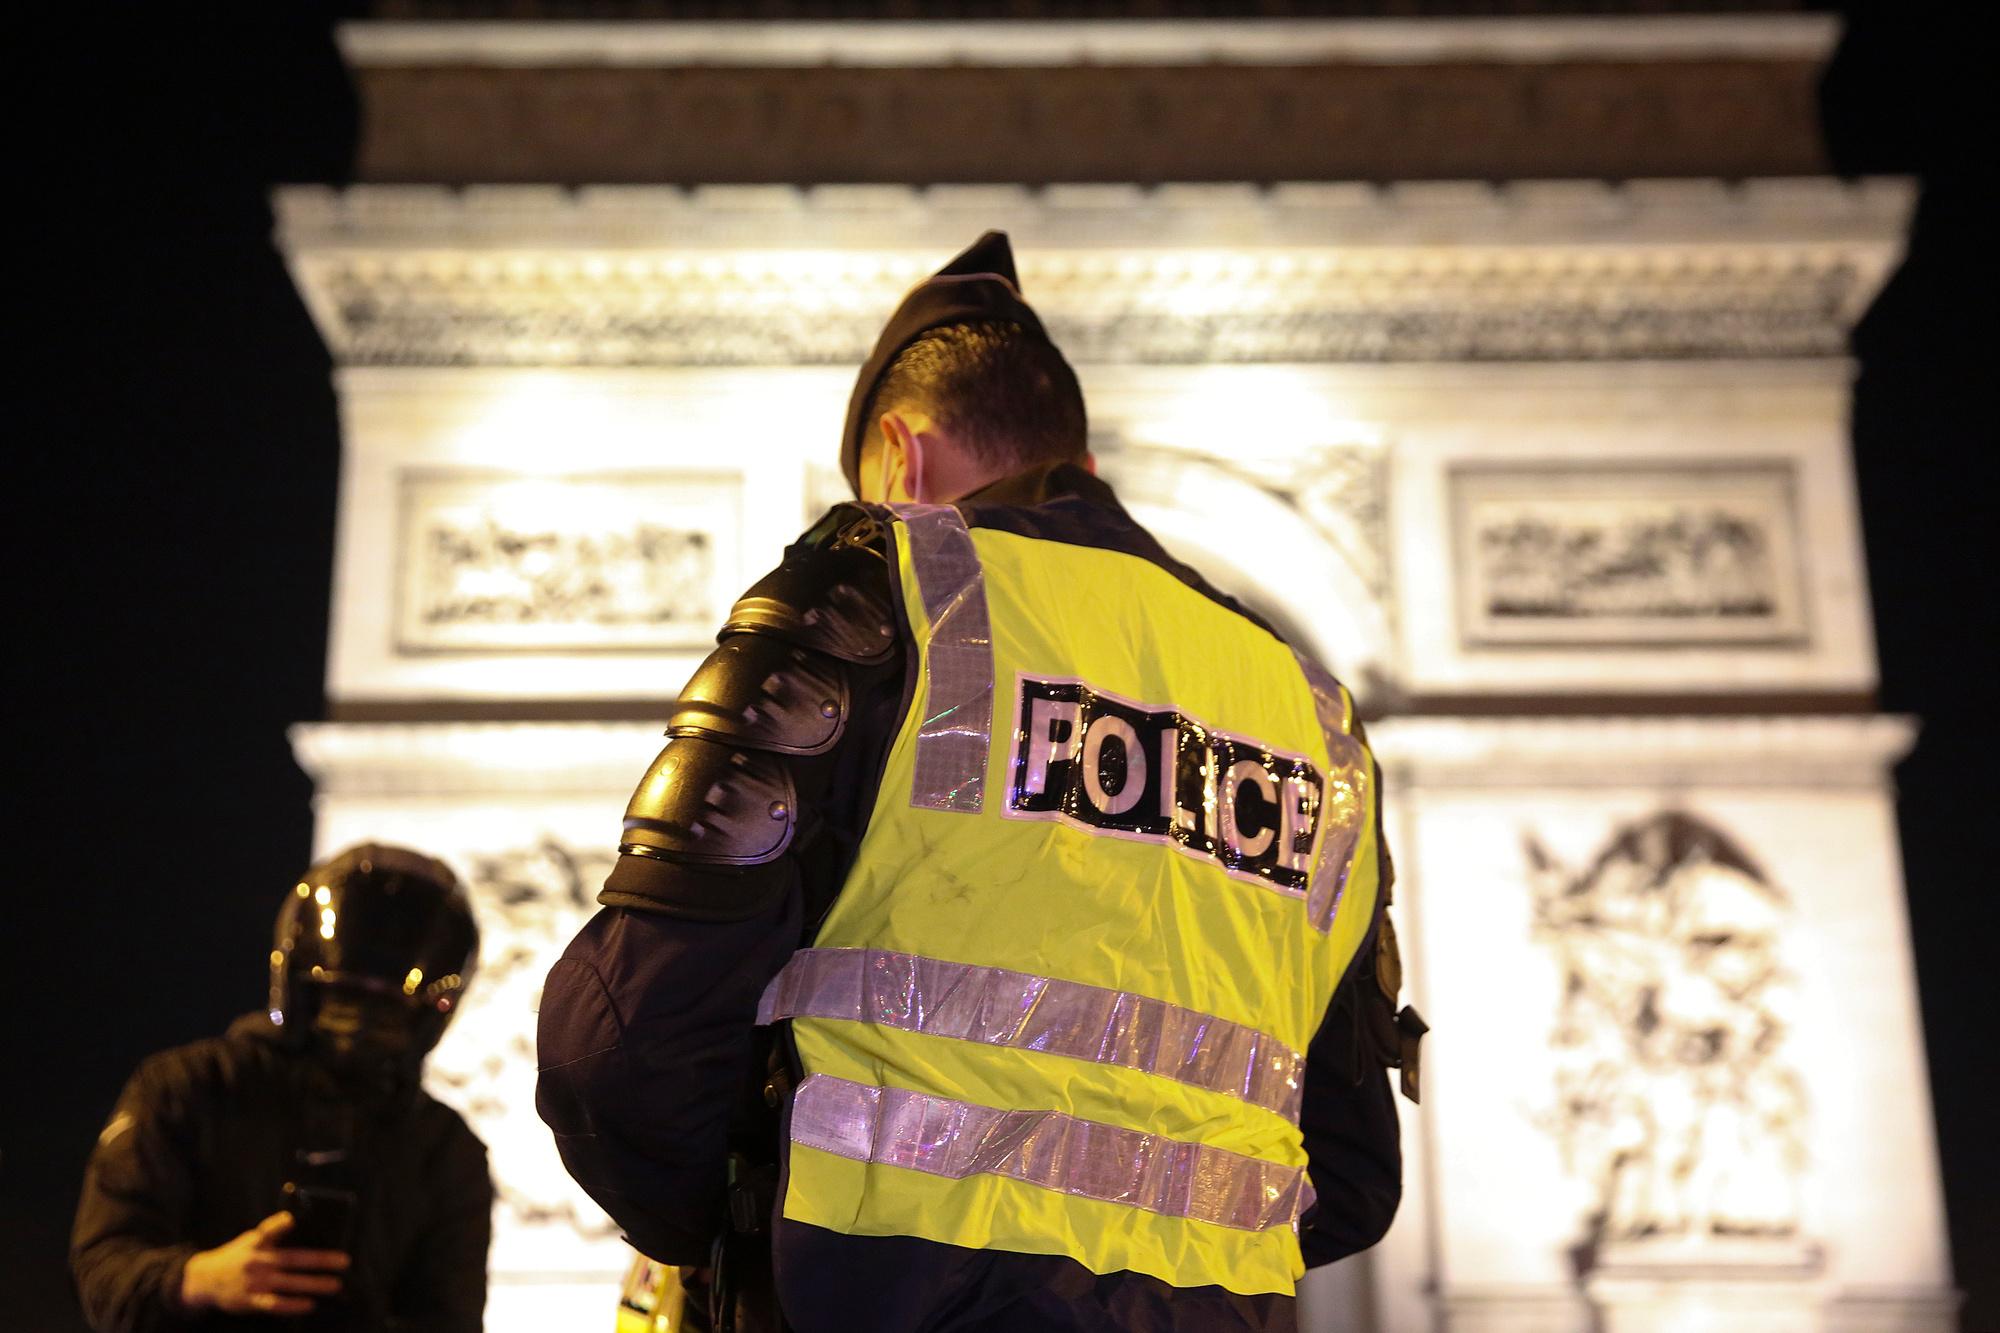 A Paris, des patrouilles de police sour l'Arc de Triomphe., BELGA